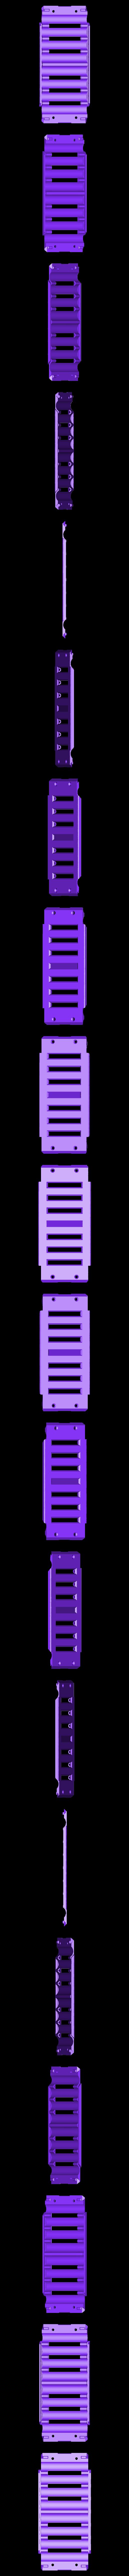 18650_2S4P_lid_V2_Vented.stl Télécharger fichier STL gratuit NESE, le module V2 sans soudure 18650 (VENTED) • Objet pour imprimante 3D, 18650